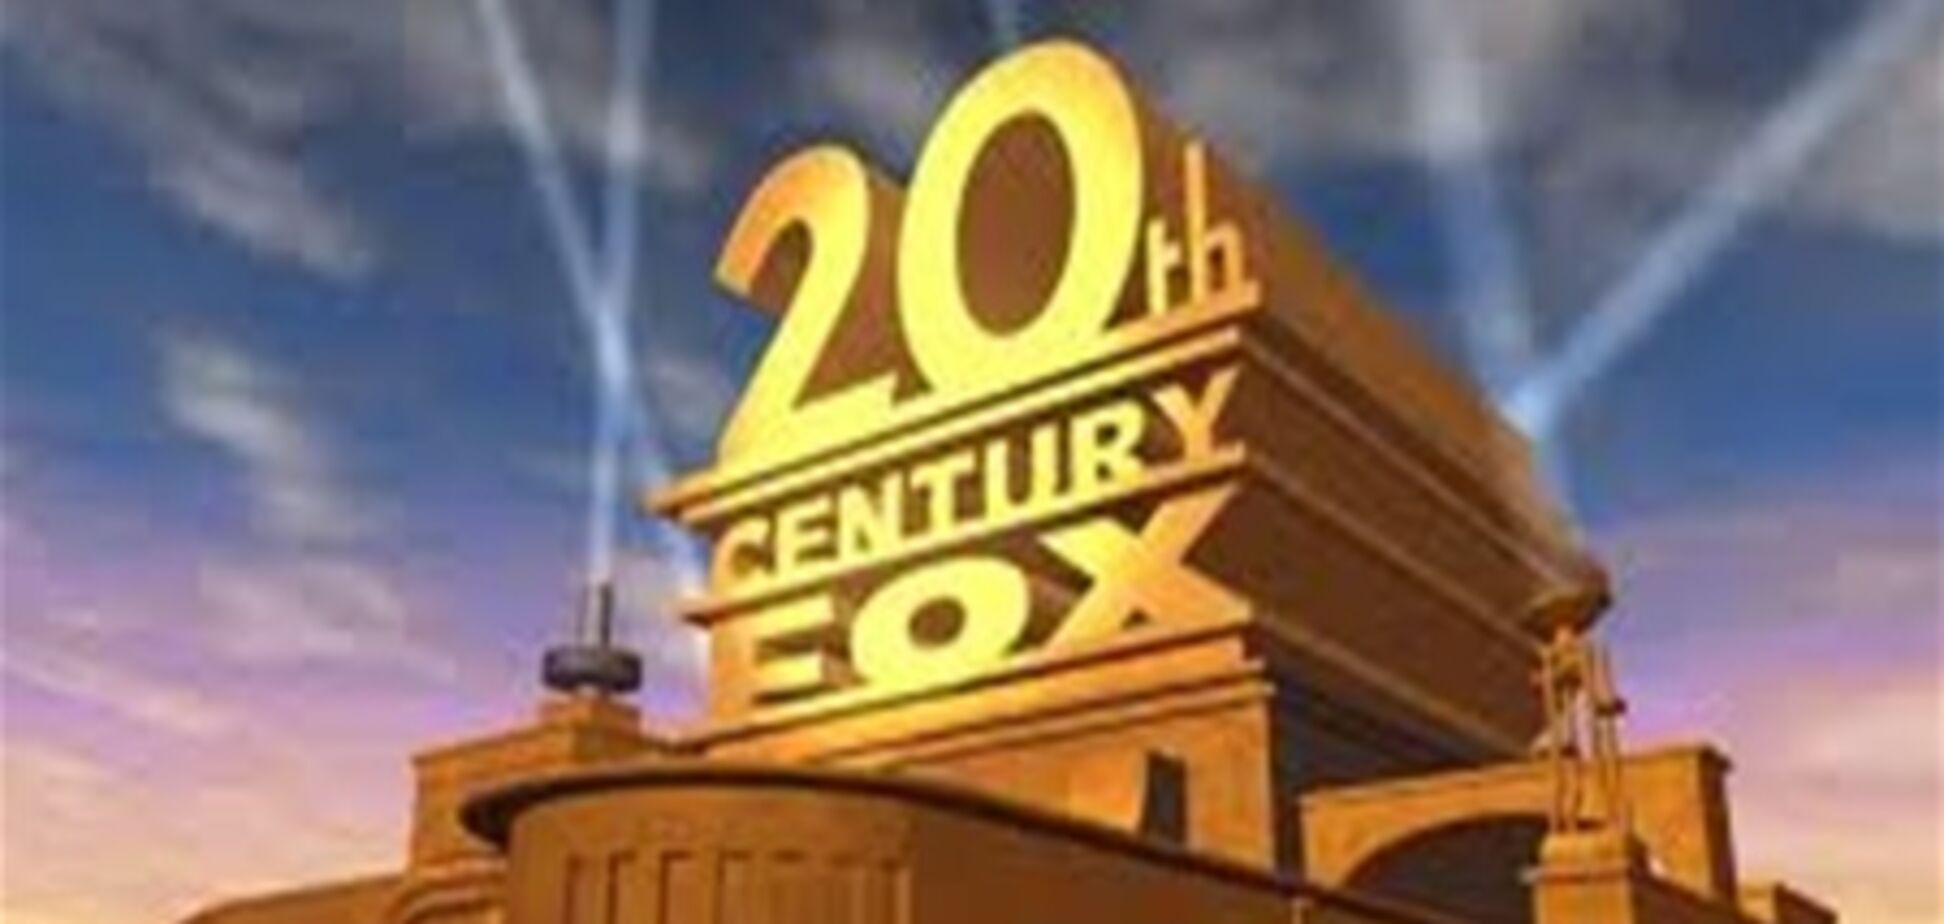 20-те століття Фокс. Історія заставки. Допитливе Відео